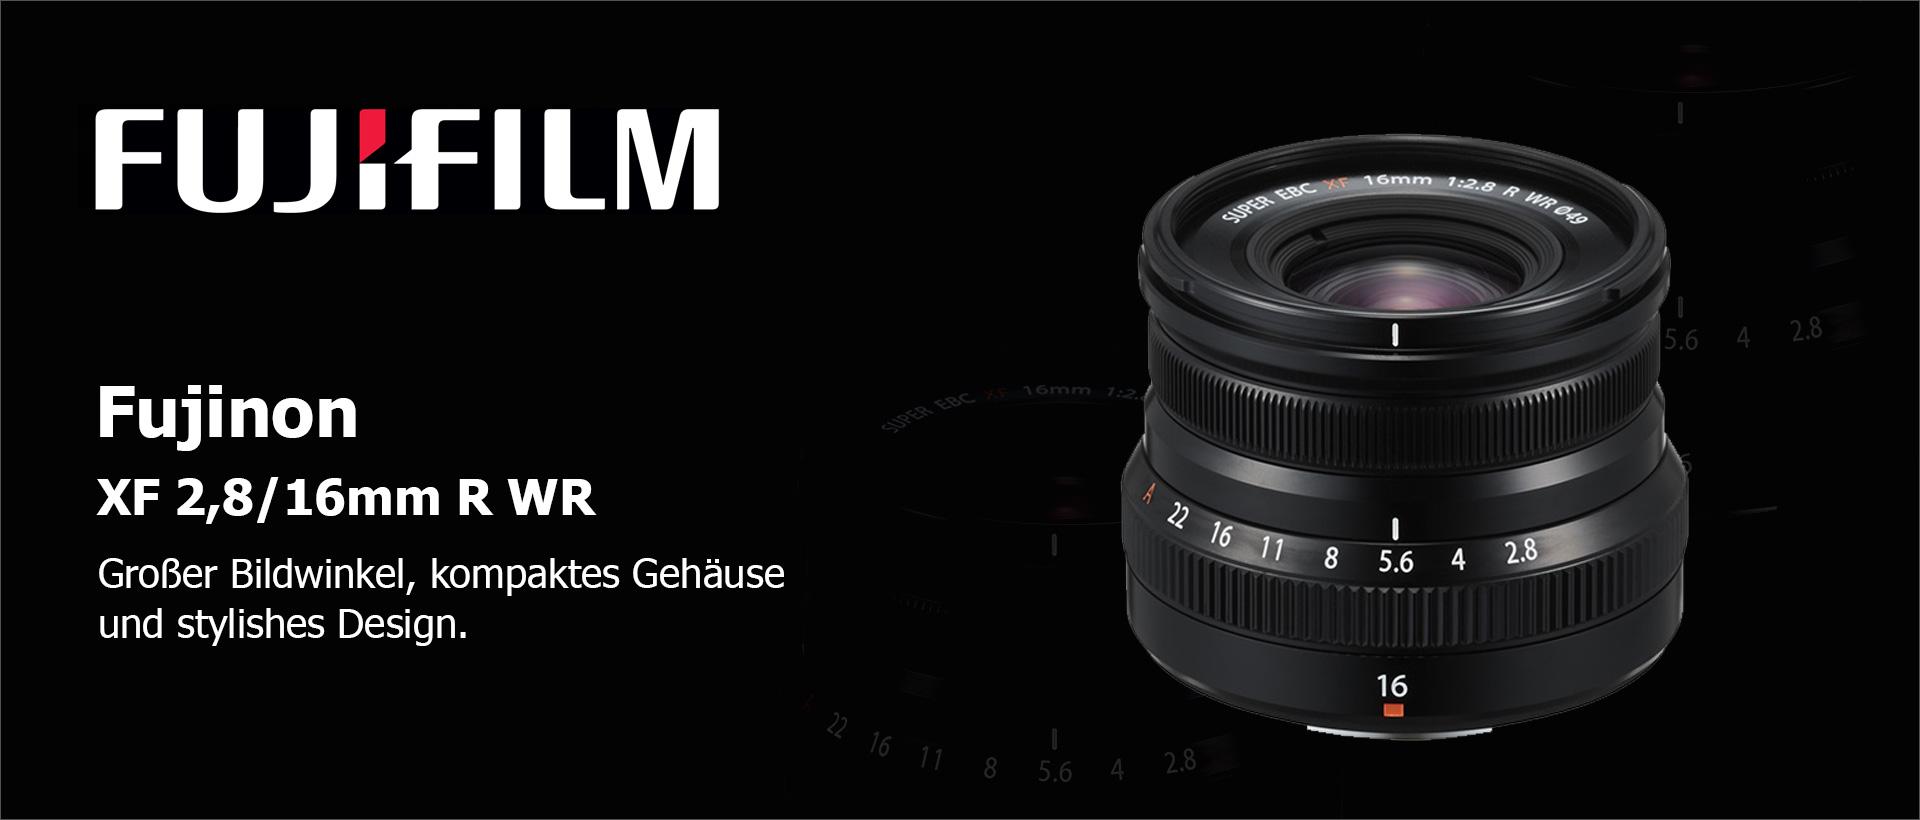 Fujinon XF 2,8/16mm R WR schwarz